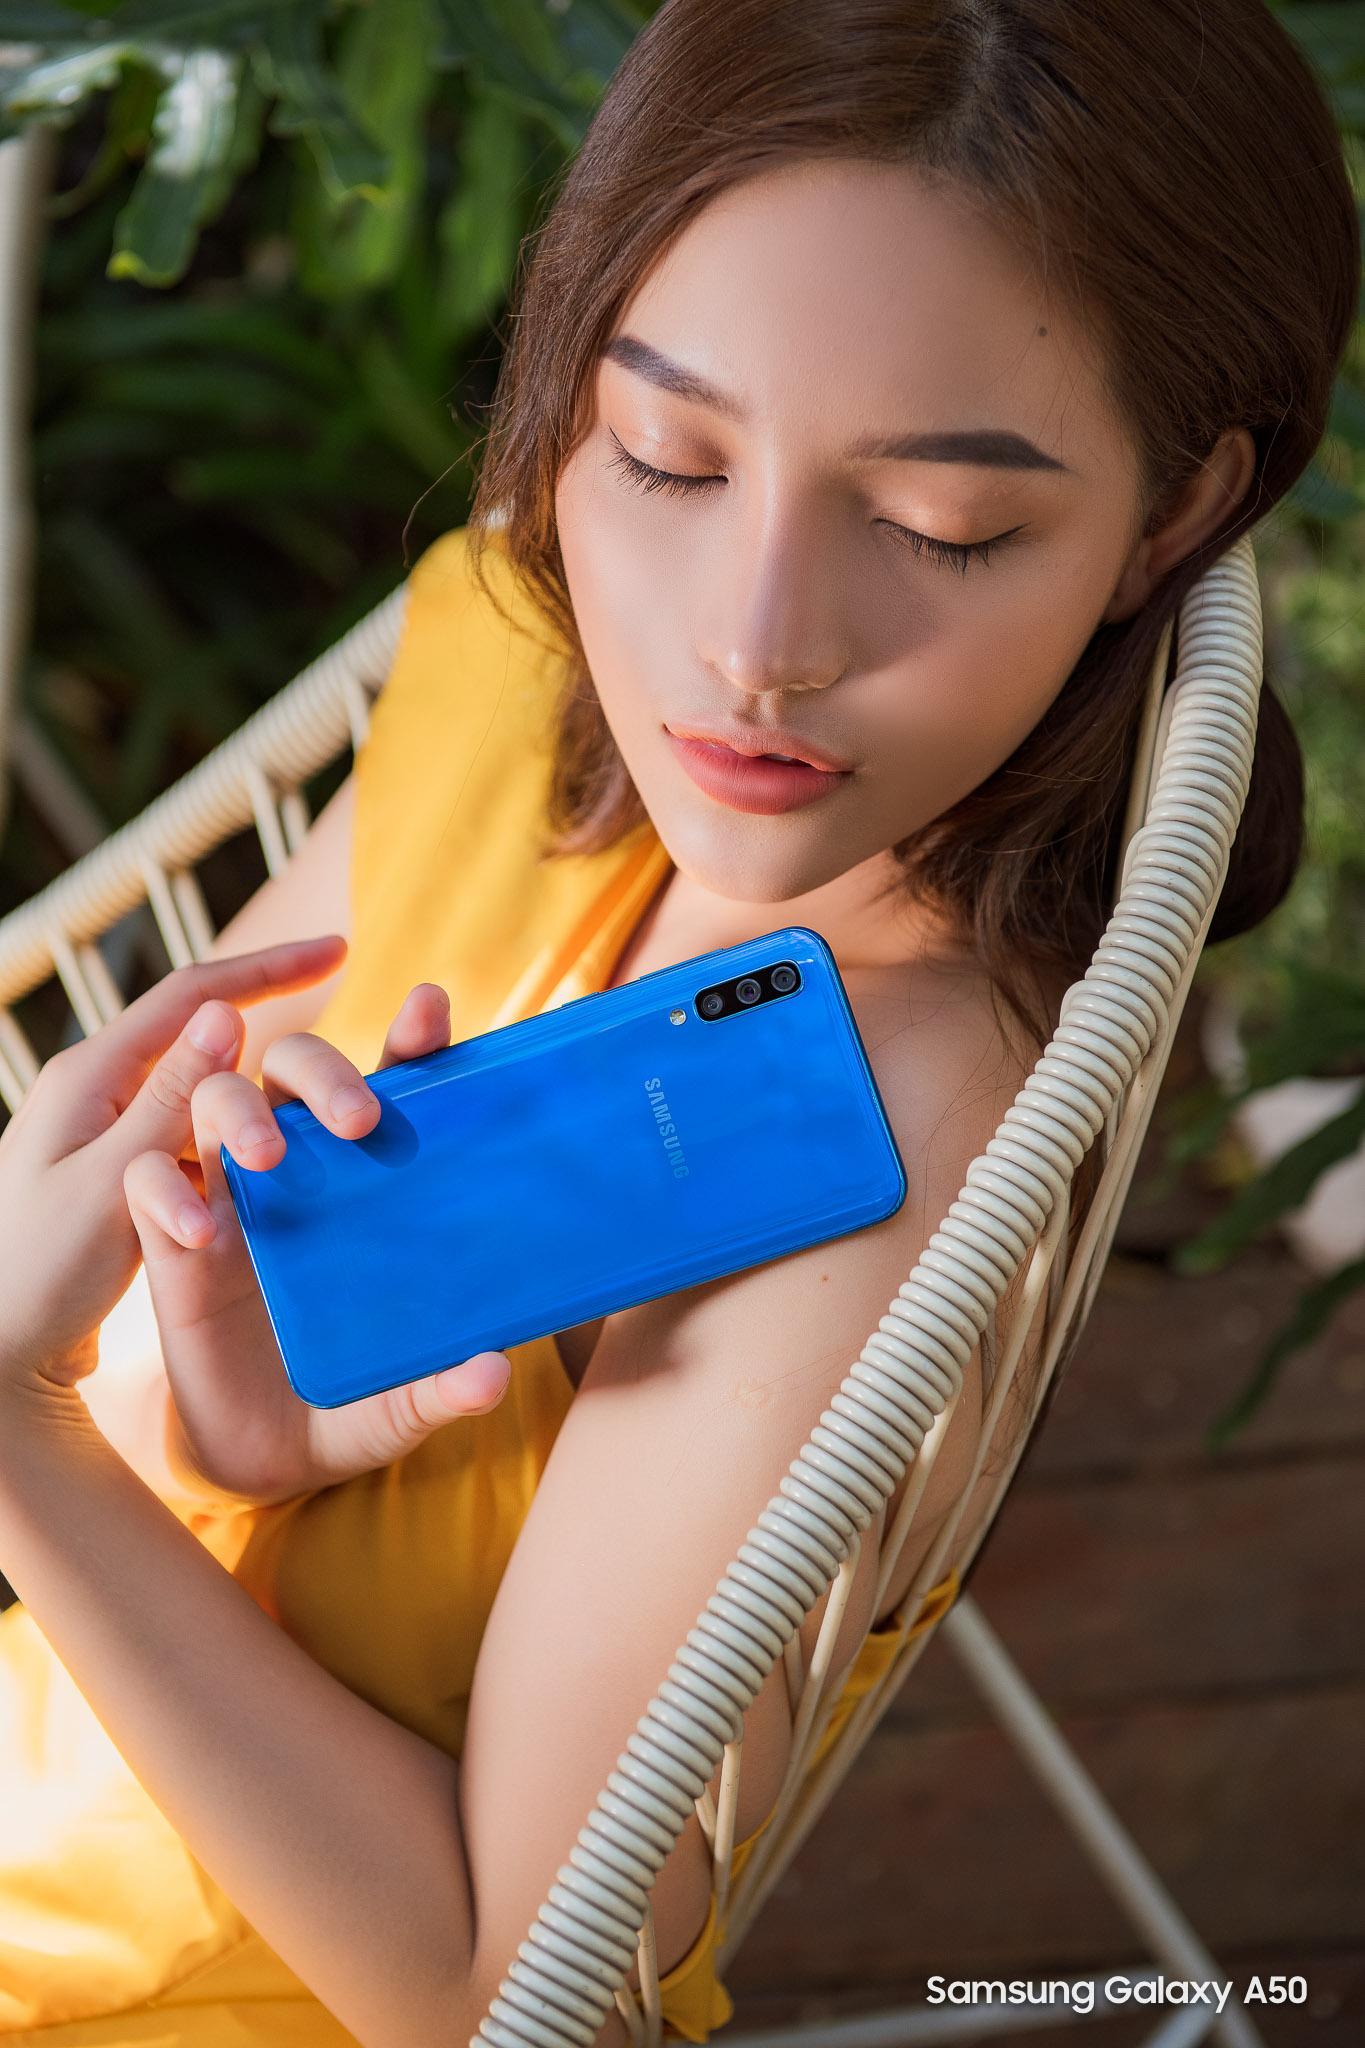 Duy nhất trong 1 ngày, Galaxy A50 giảm sốc tận 1.1 triệu tại CellphoneS